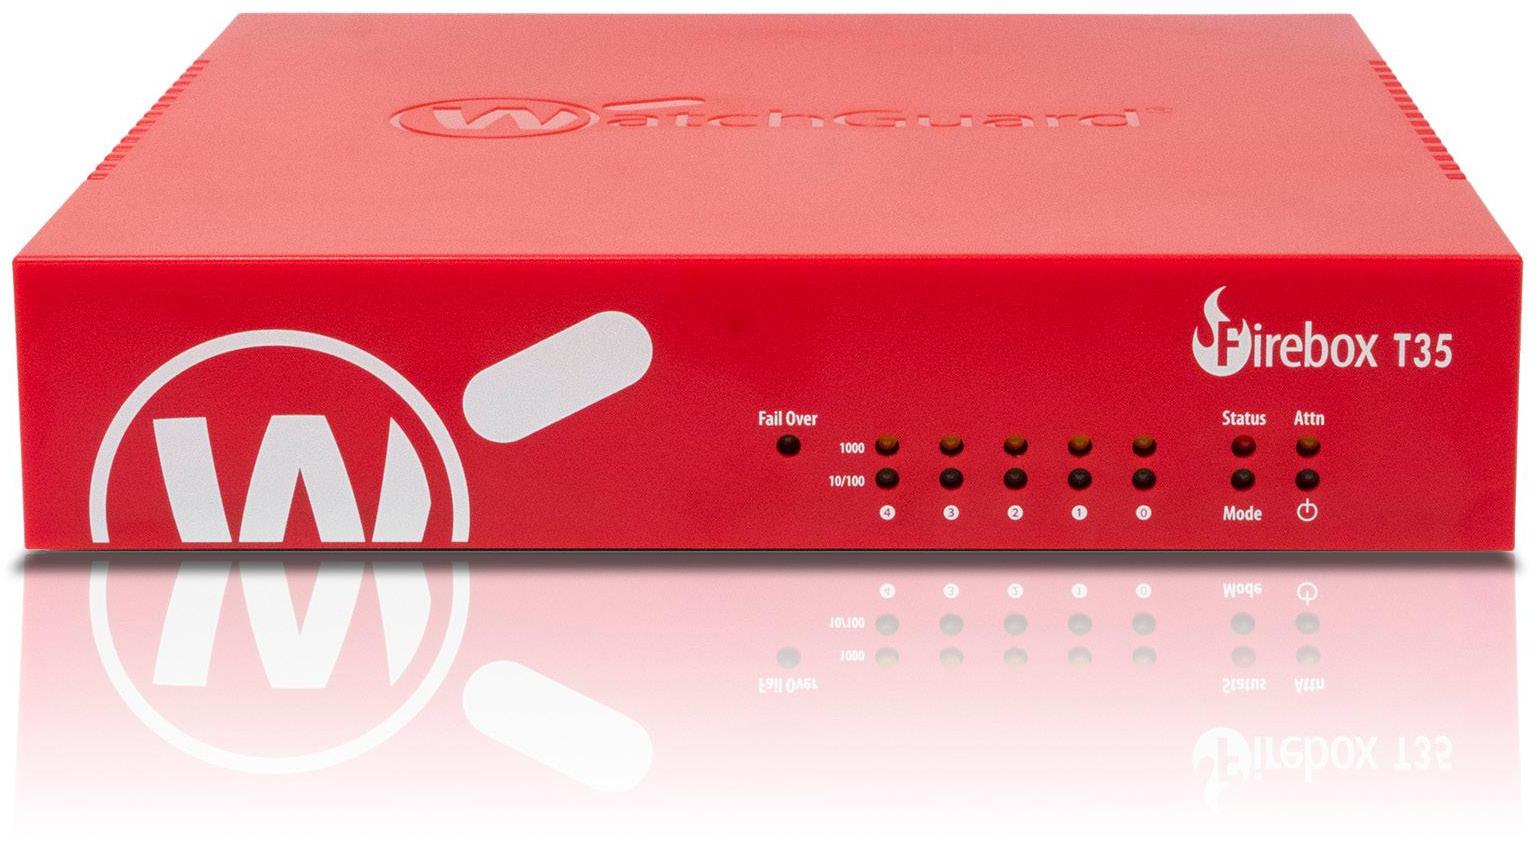 firewall hardware - Parfu kaptanband co